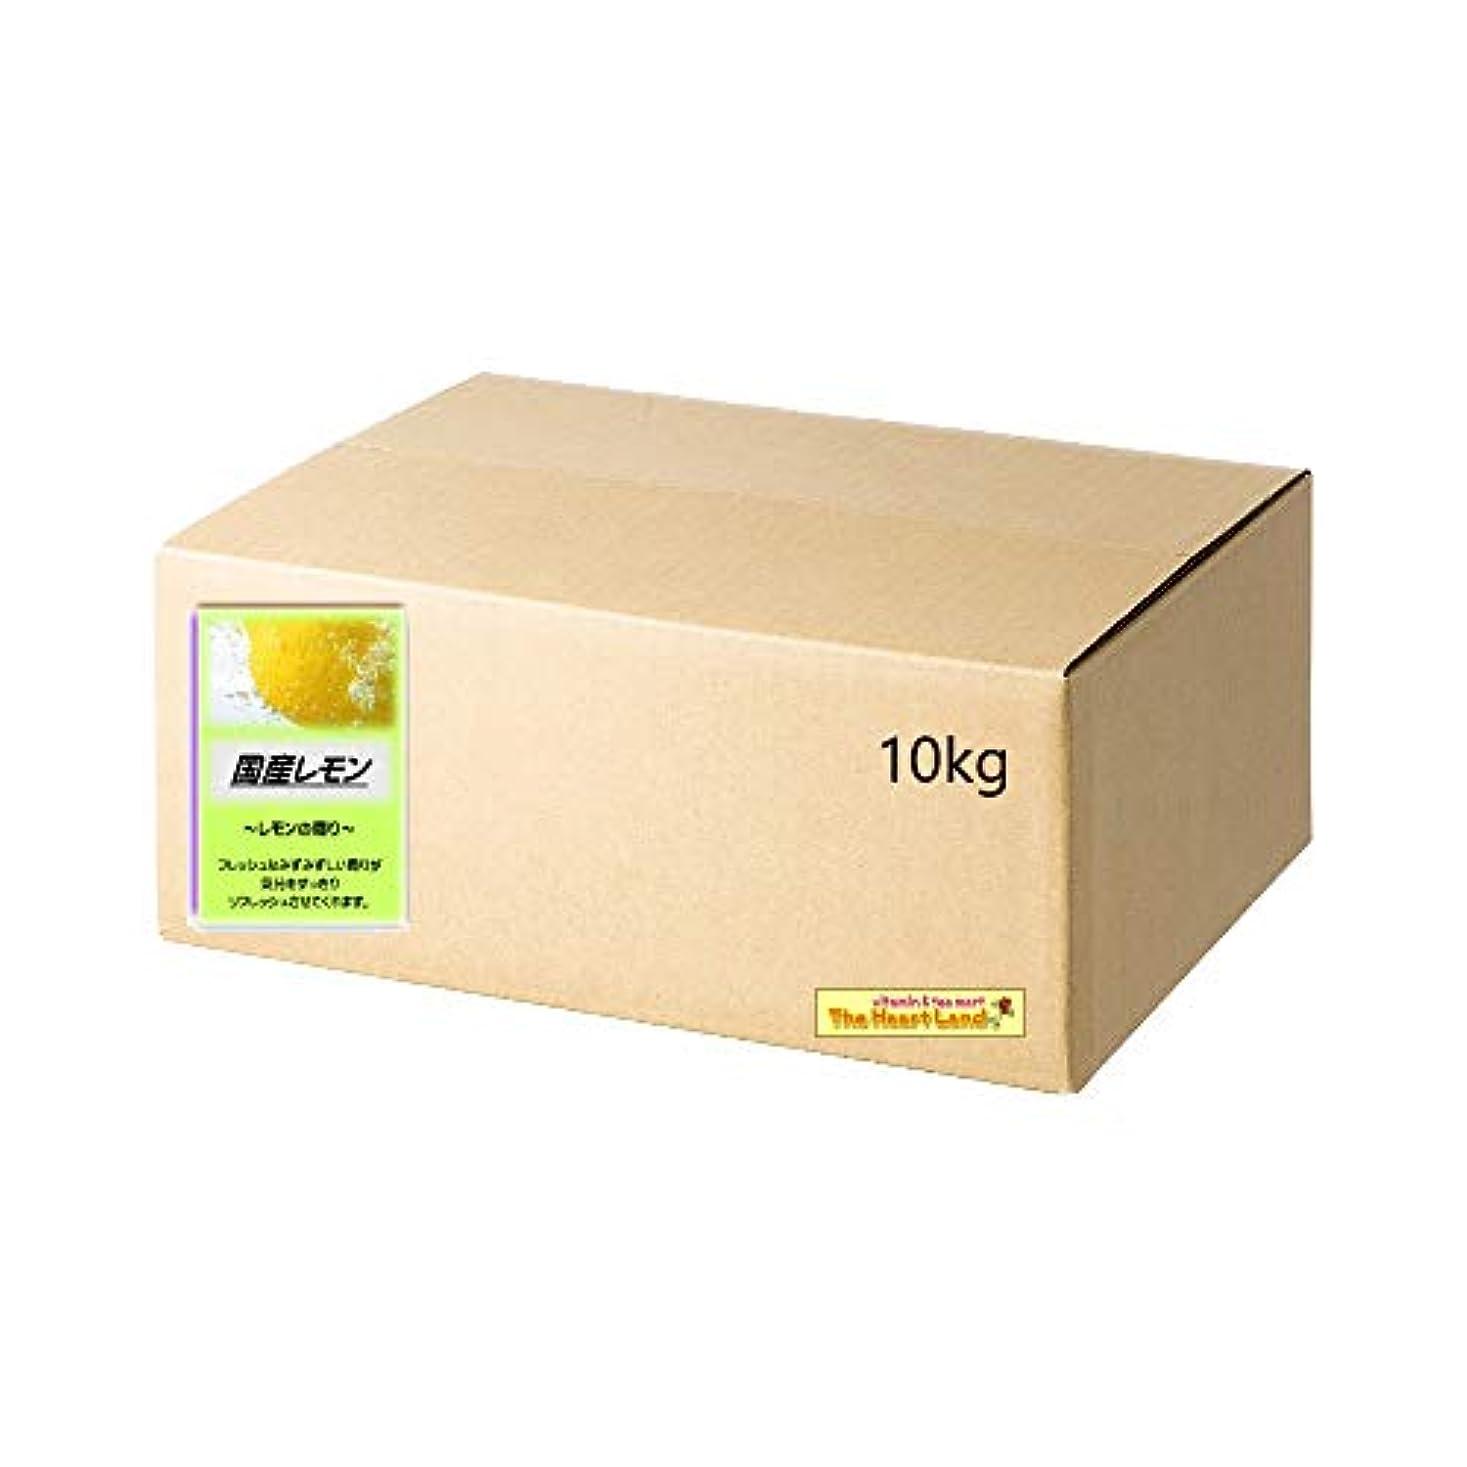 逆説大腿慢なアサヒ入浴剤 浴用入浴化粧品 国産レモン 10kg